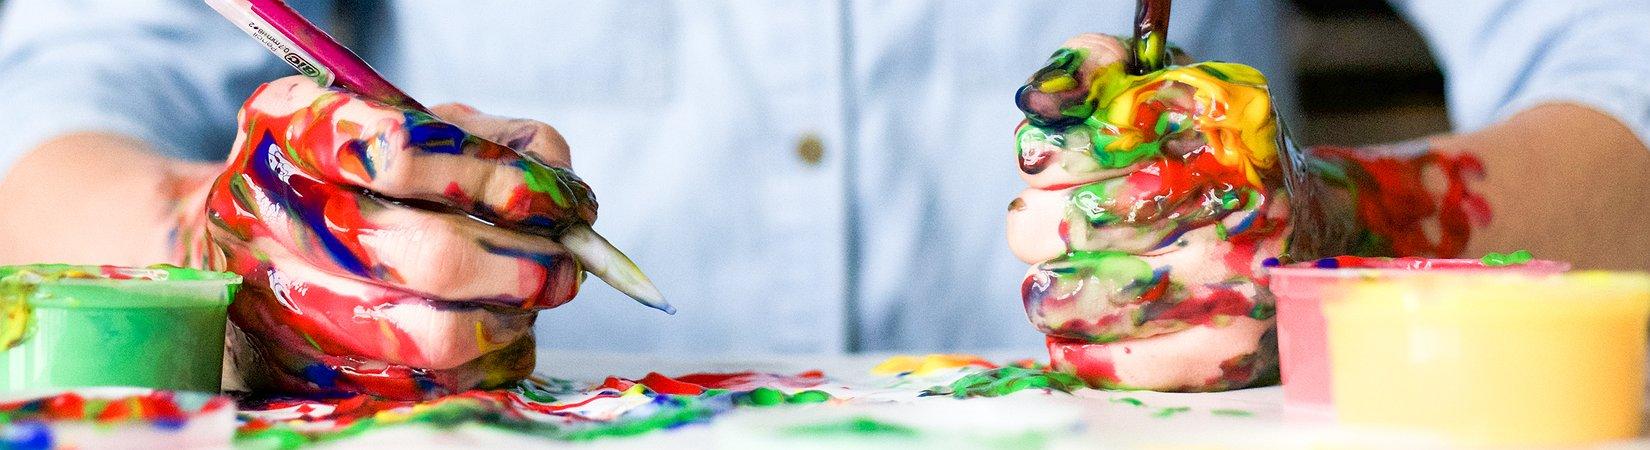 Cómo el hecho de tener un hobby puede hacerte más productivo